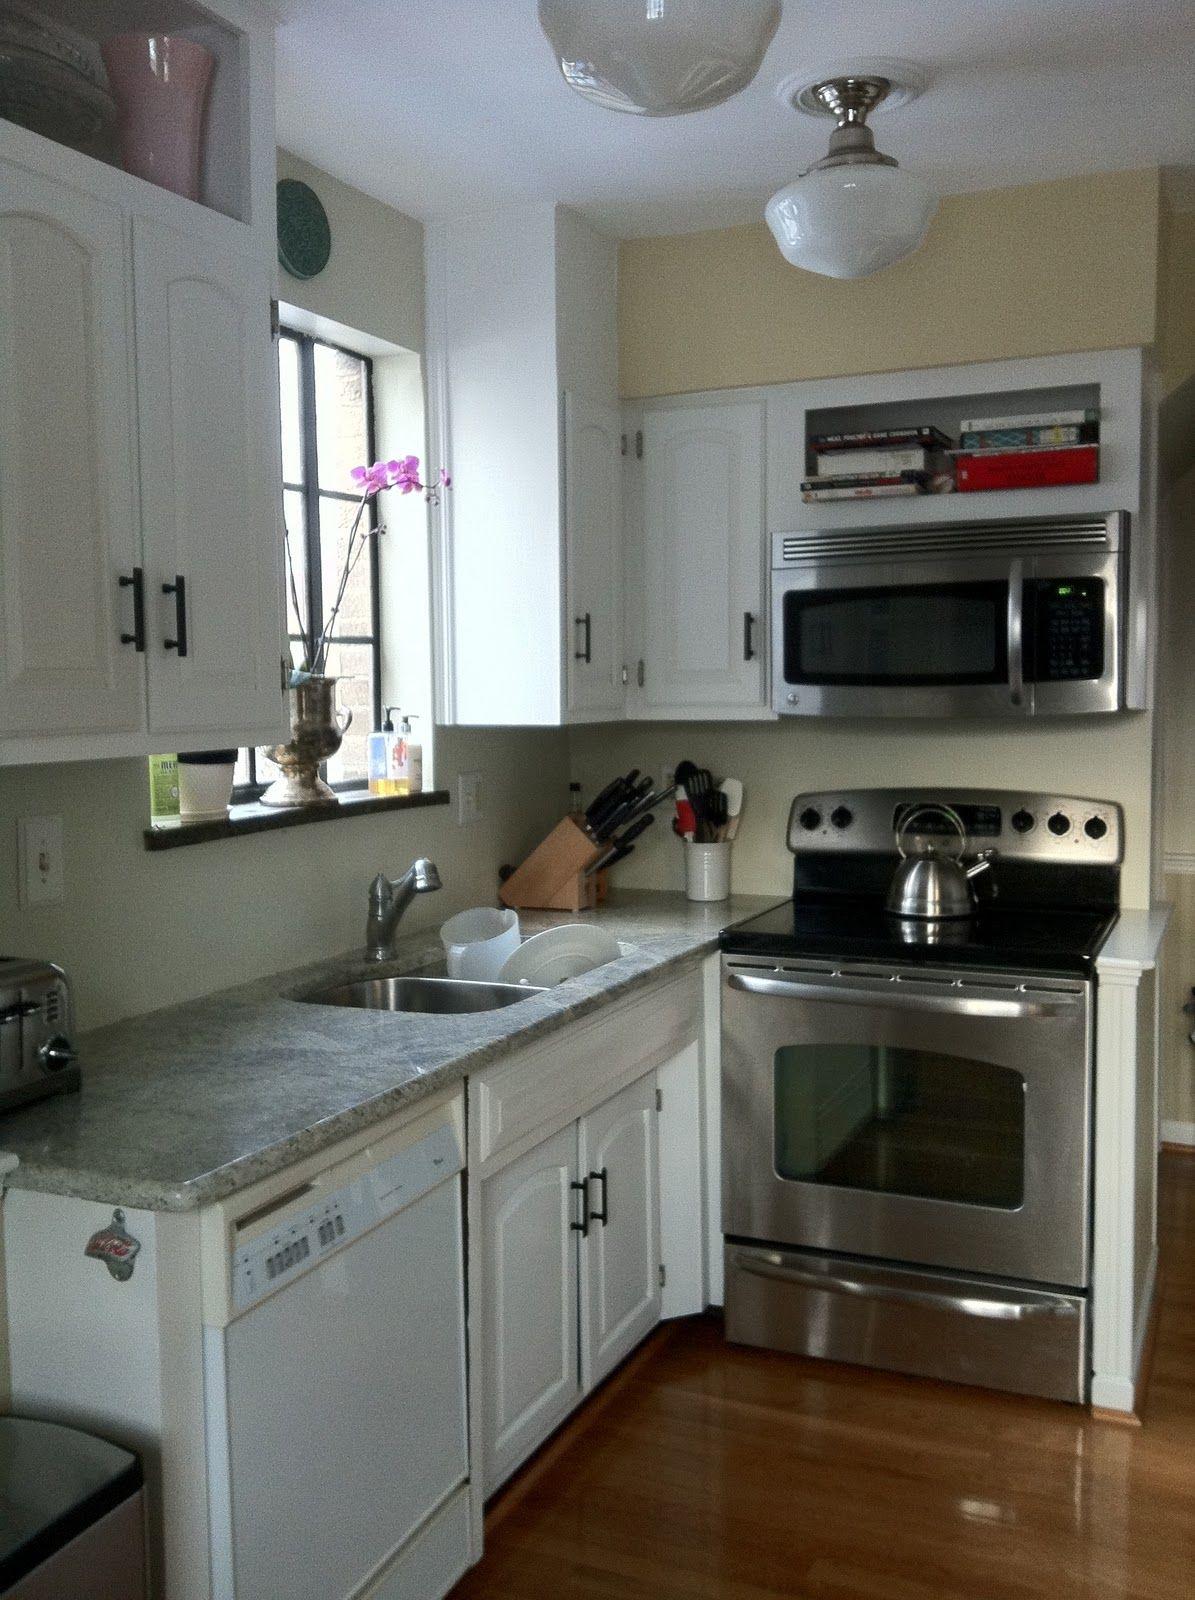 Small kitchen design ideas kitchen design kitchens and storage ideas